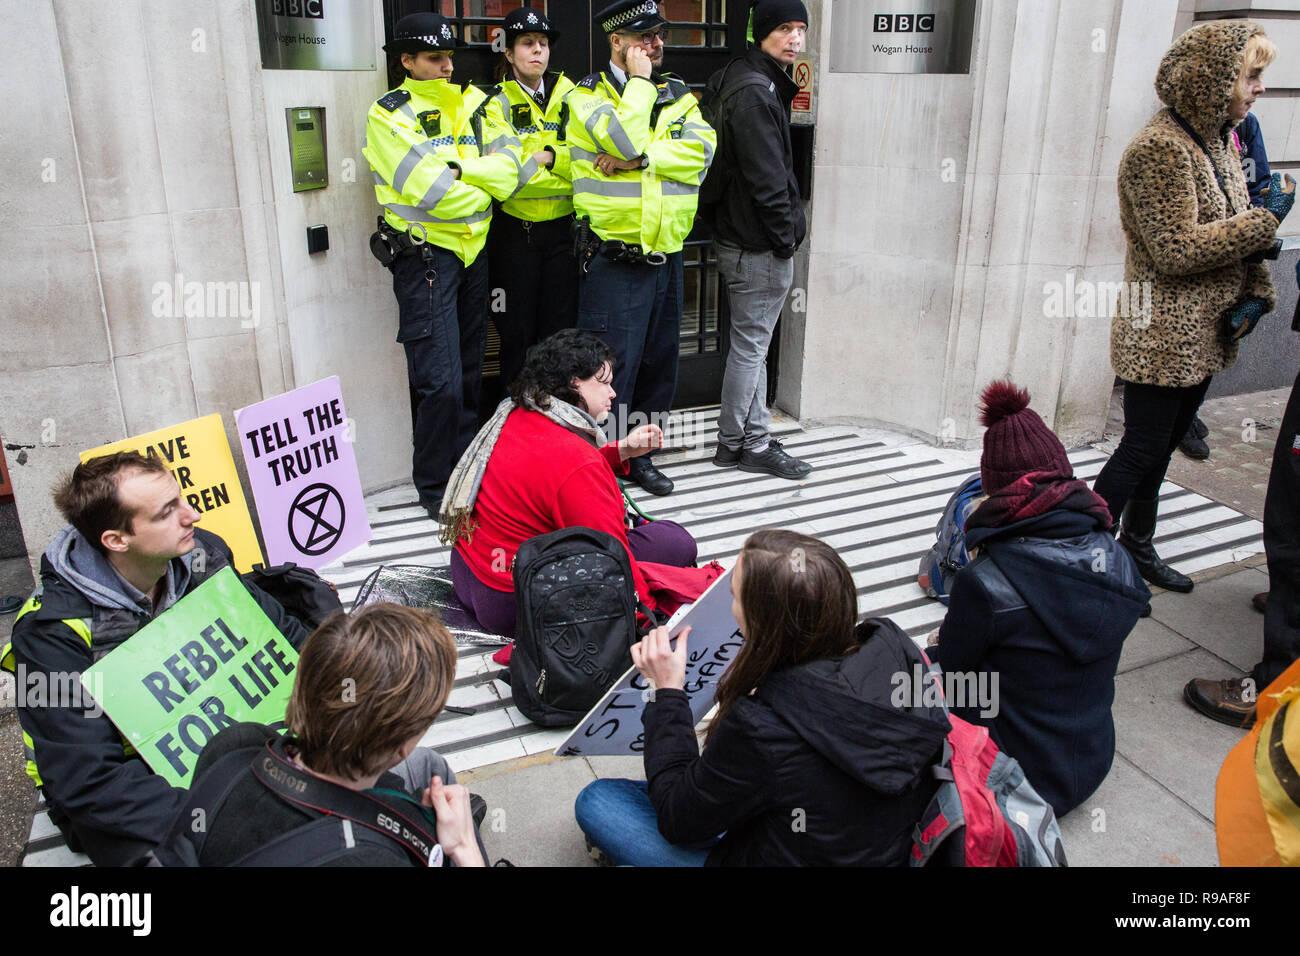 Londres, Reino Unido. 21 de diciembre de 2018. Los ambientalistas de la extinción rebelión una sentada de protesta fuera de los locales de la BBC en protesta contra la emisora es la falta de cobertura de la crisis del cambio climático. Crédito: Mark Kerrison/Alamy Live News Imagen De Stock